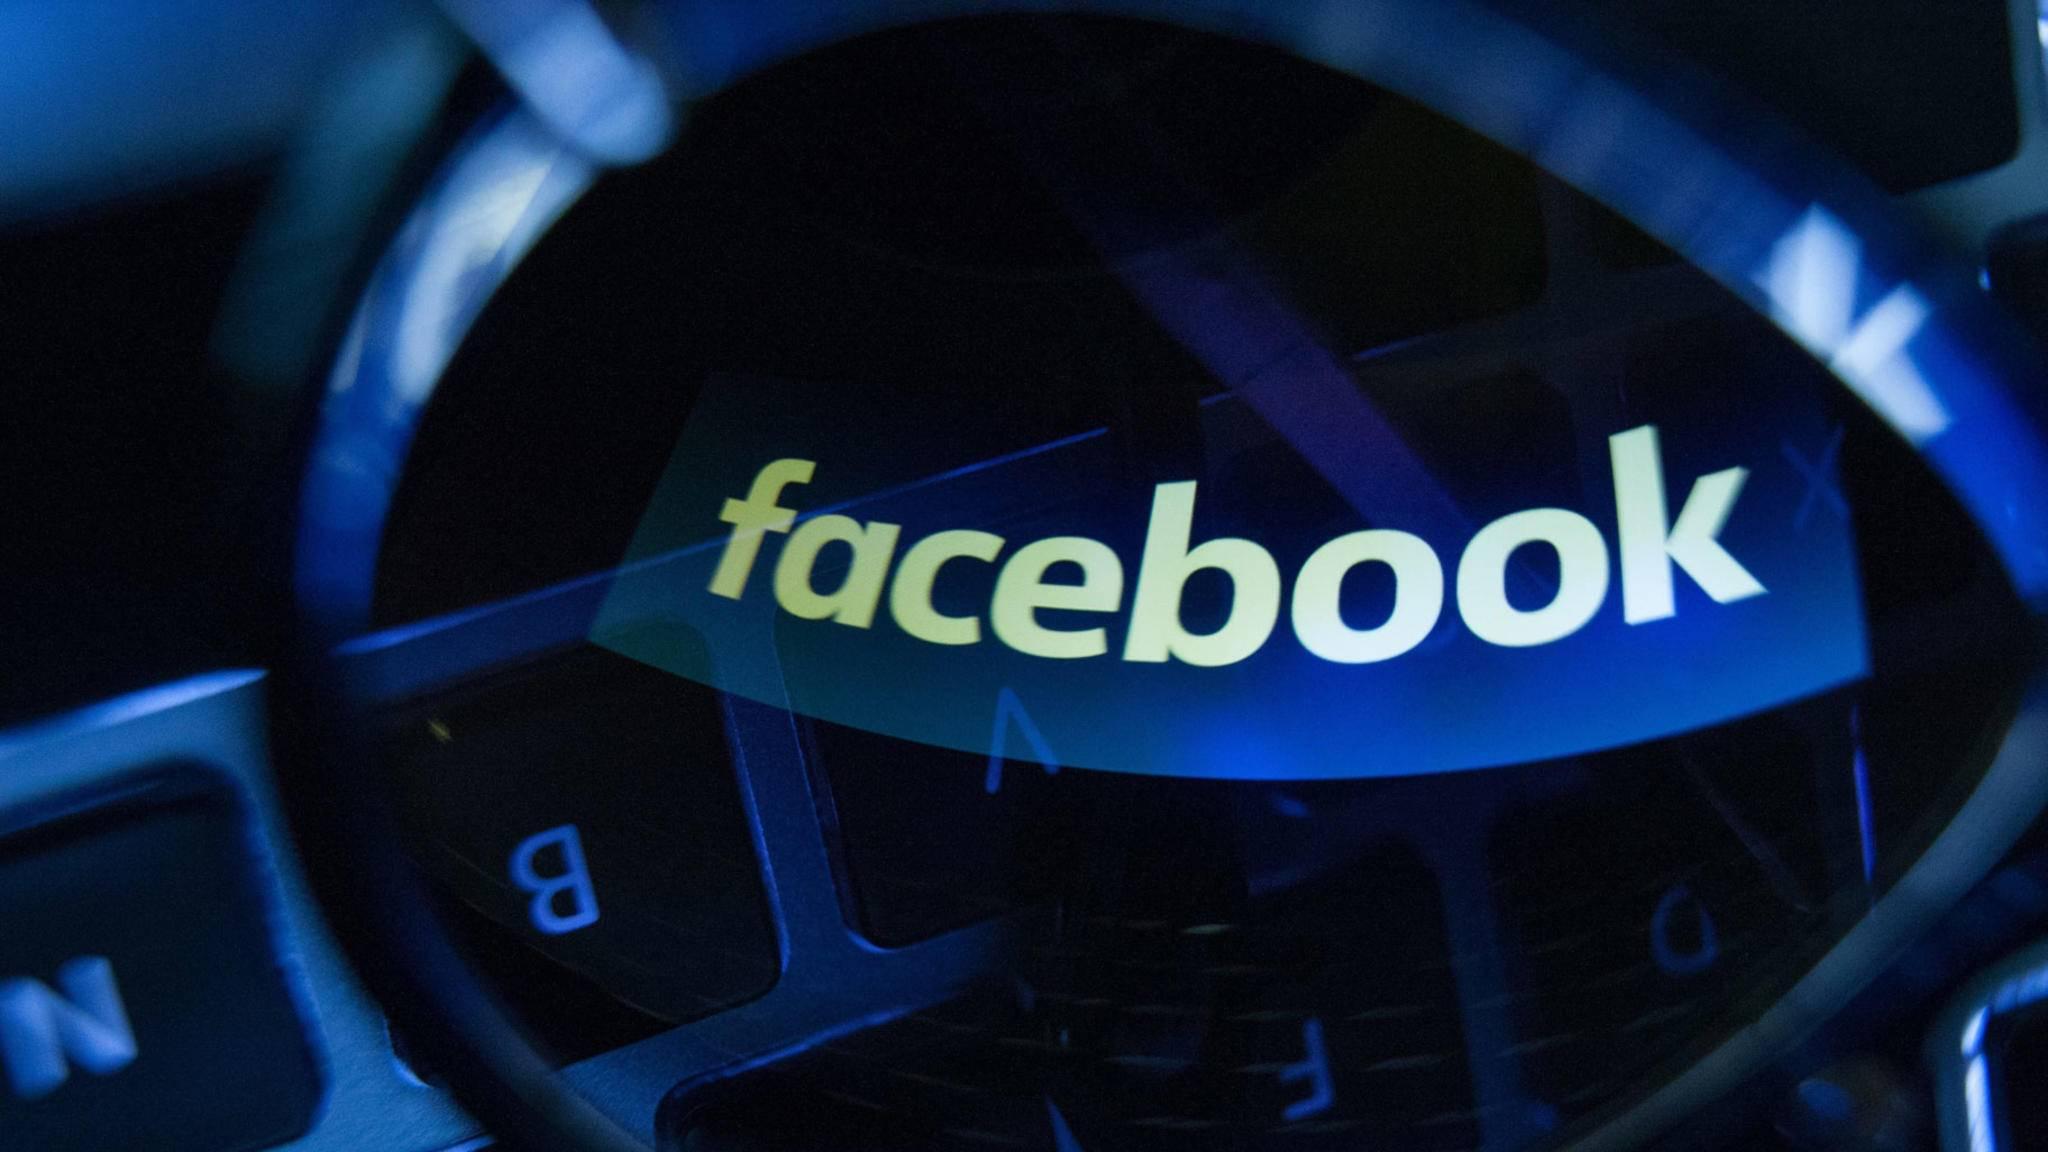 Nicht jeder soll wissen, mit wem Du auf Facebook befreundet bist? Diese Einstellung hilft weiter.